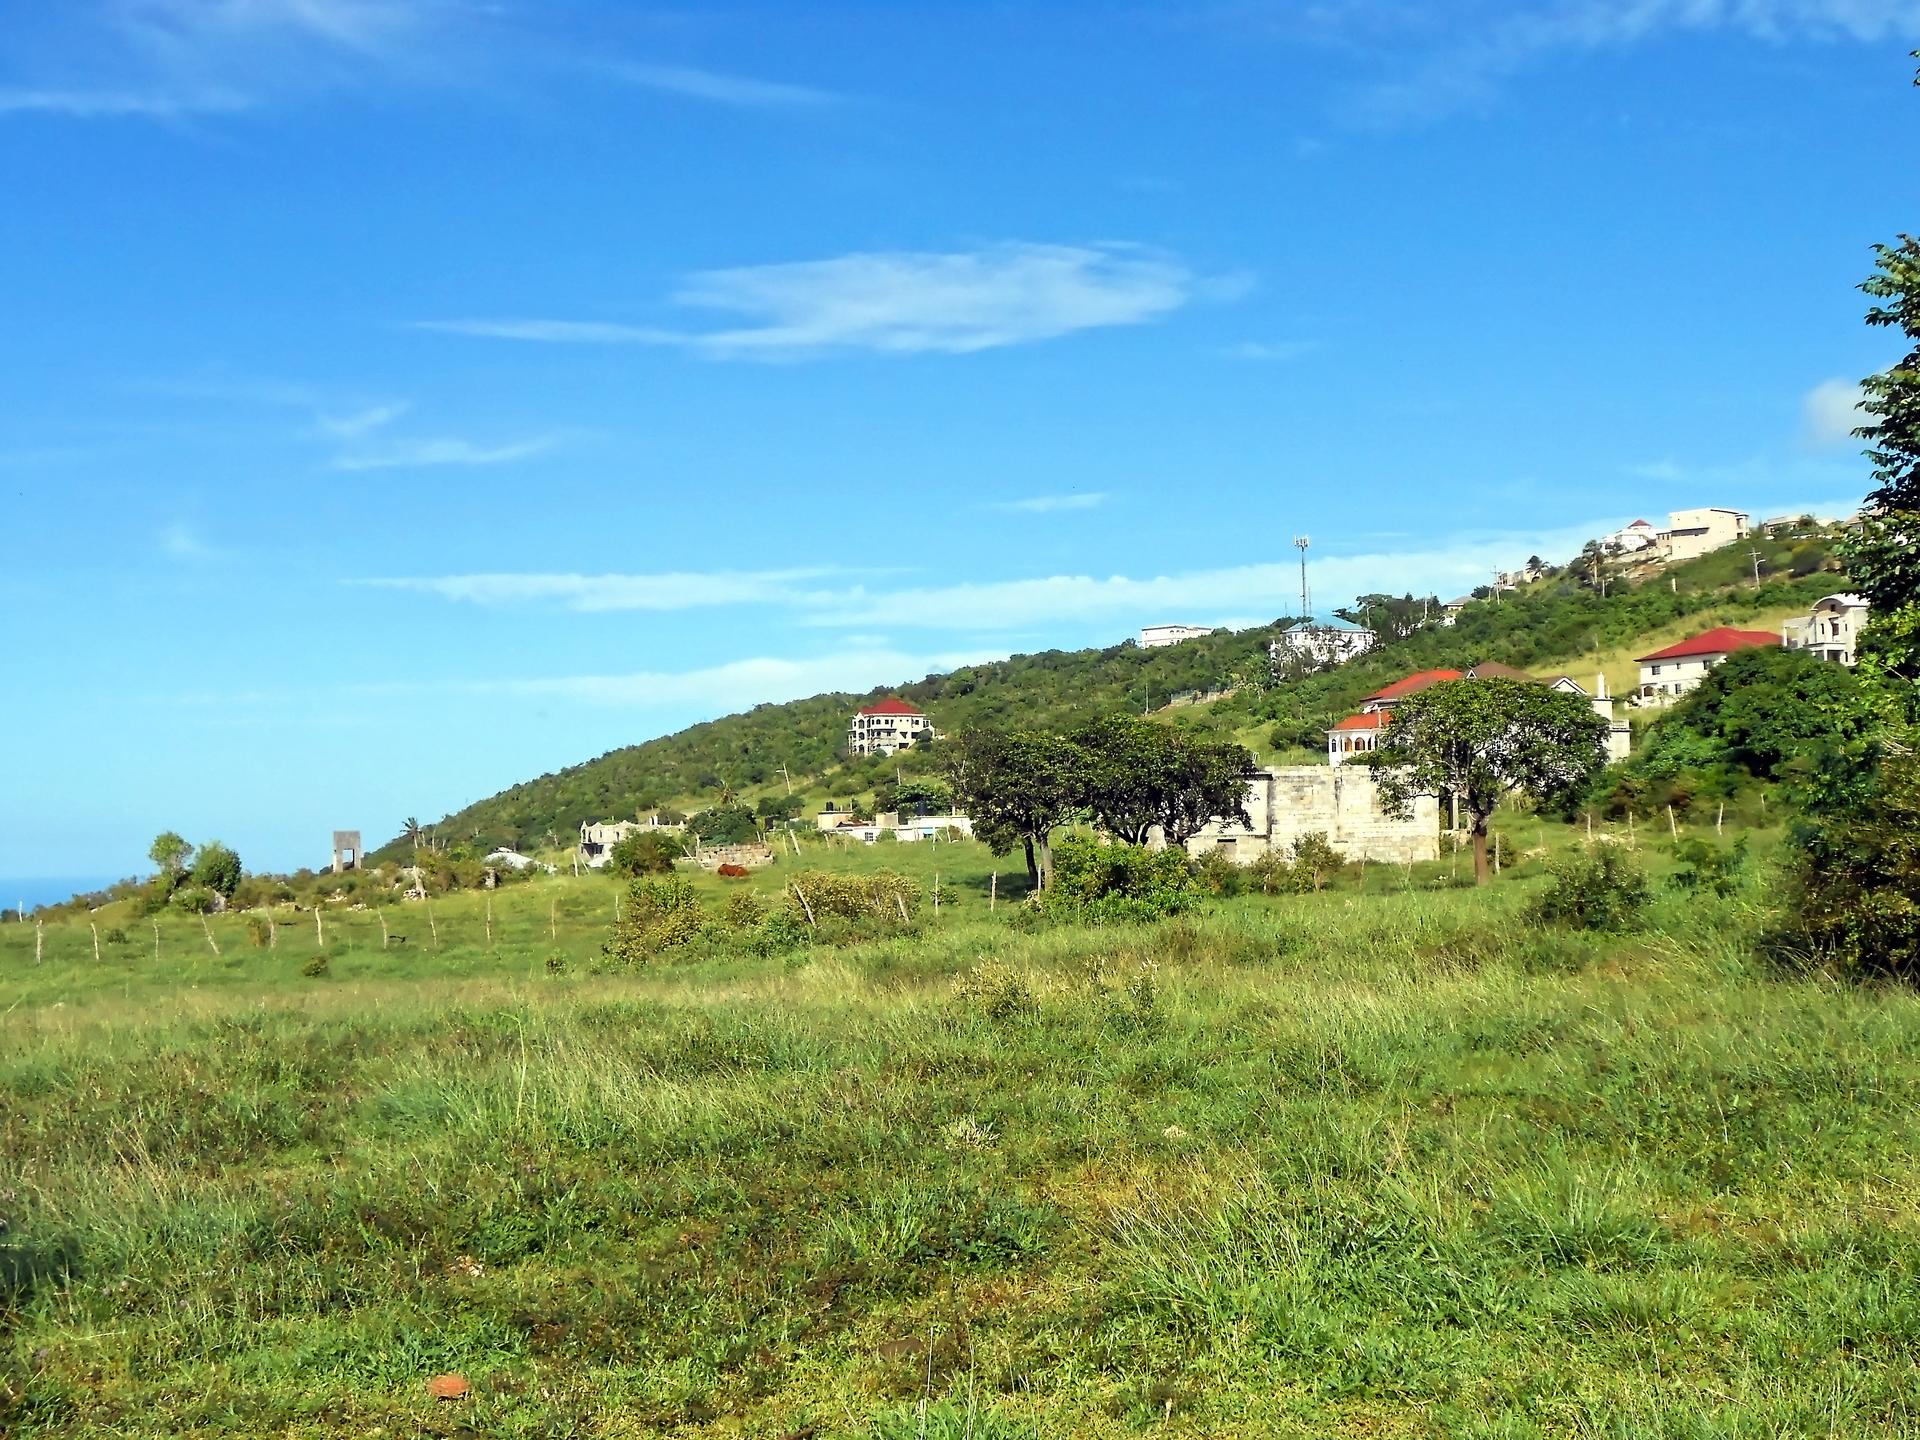 Countryside Landscape | jacquelin, landscape, sky, slope